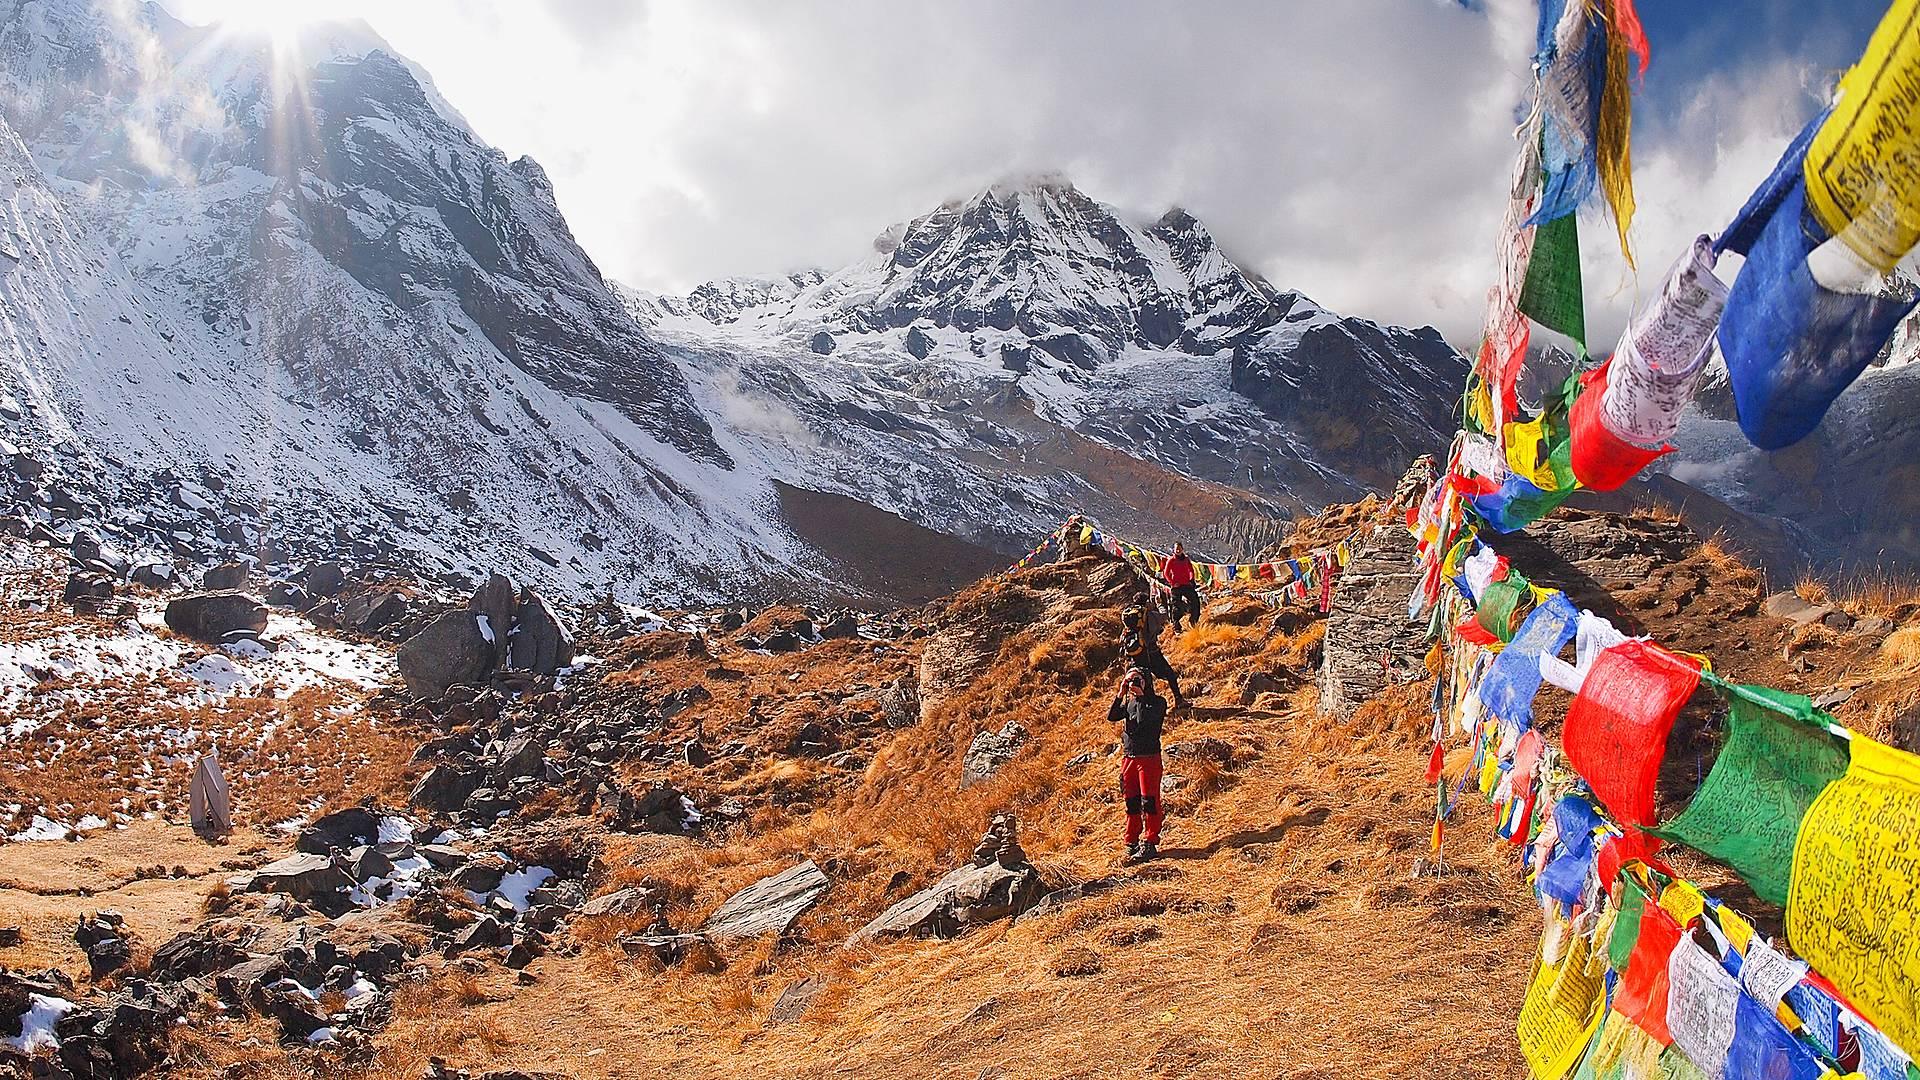 Trekking al Campo Base del Mardi Himal - La perla nascosta situata ad Est del Campo Base dell'Annapurna